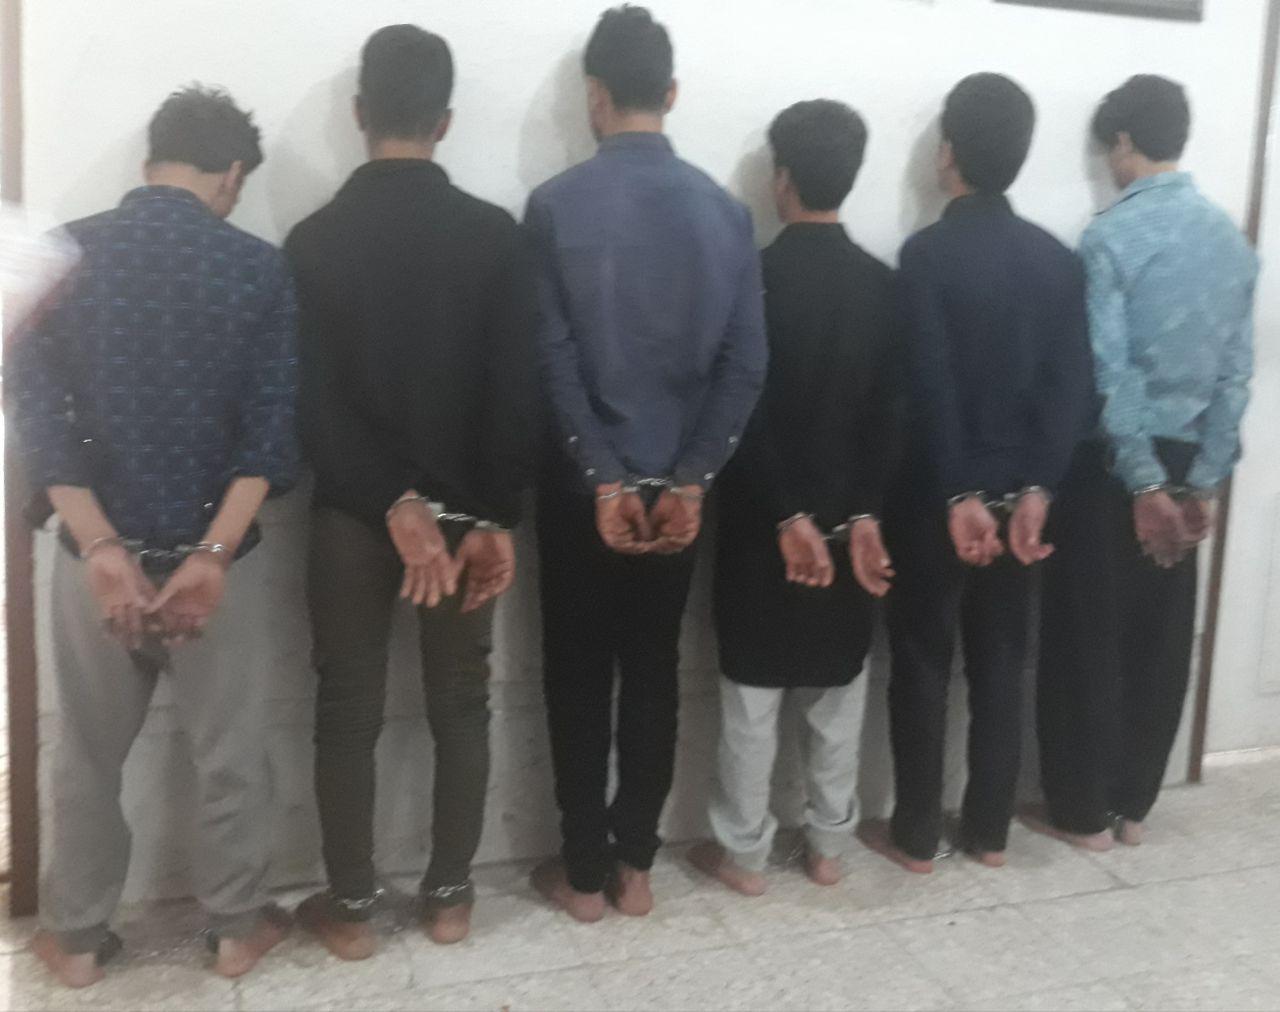 دستگیری باند سارقان مسلح در نجف آباد دستگیری باند سارقان مسلح در نجف آباد دستگیری باند سارقان مسلح در نجف آباد